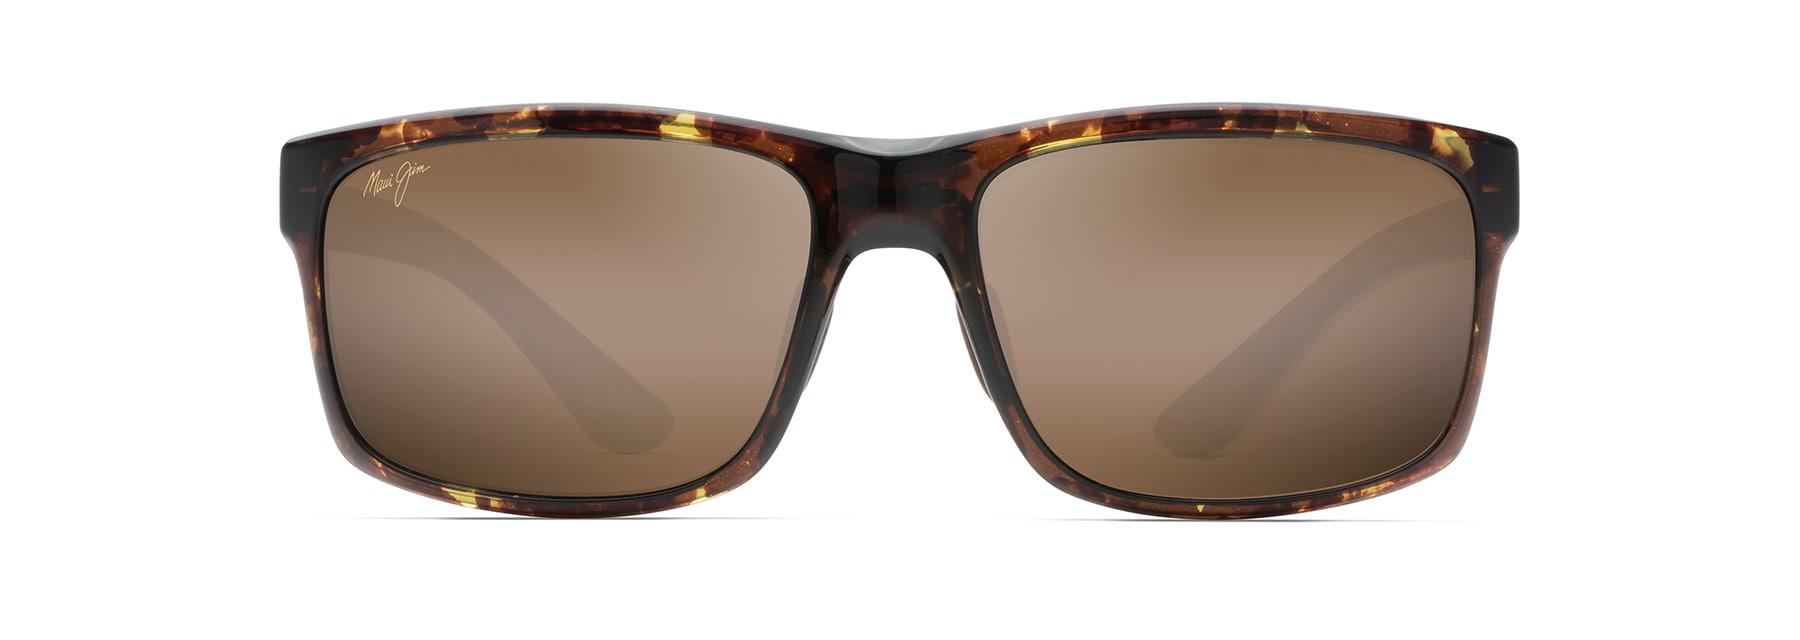 Pokowai Arch lunettes de soleil polarisées   Maui Jim® bff8734d5d9d